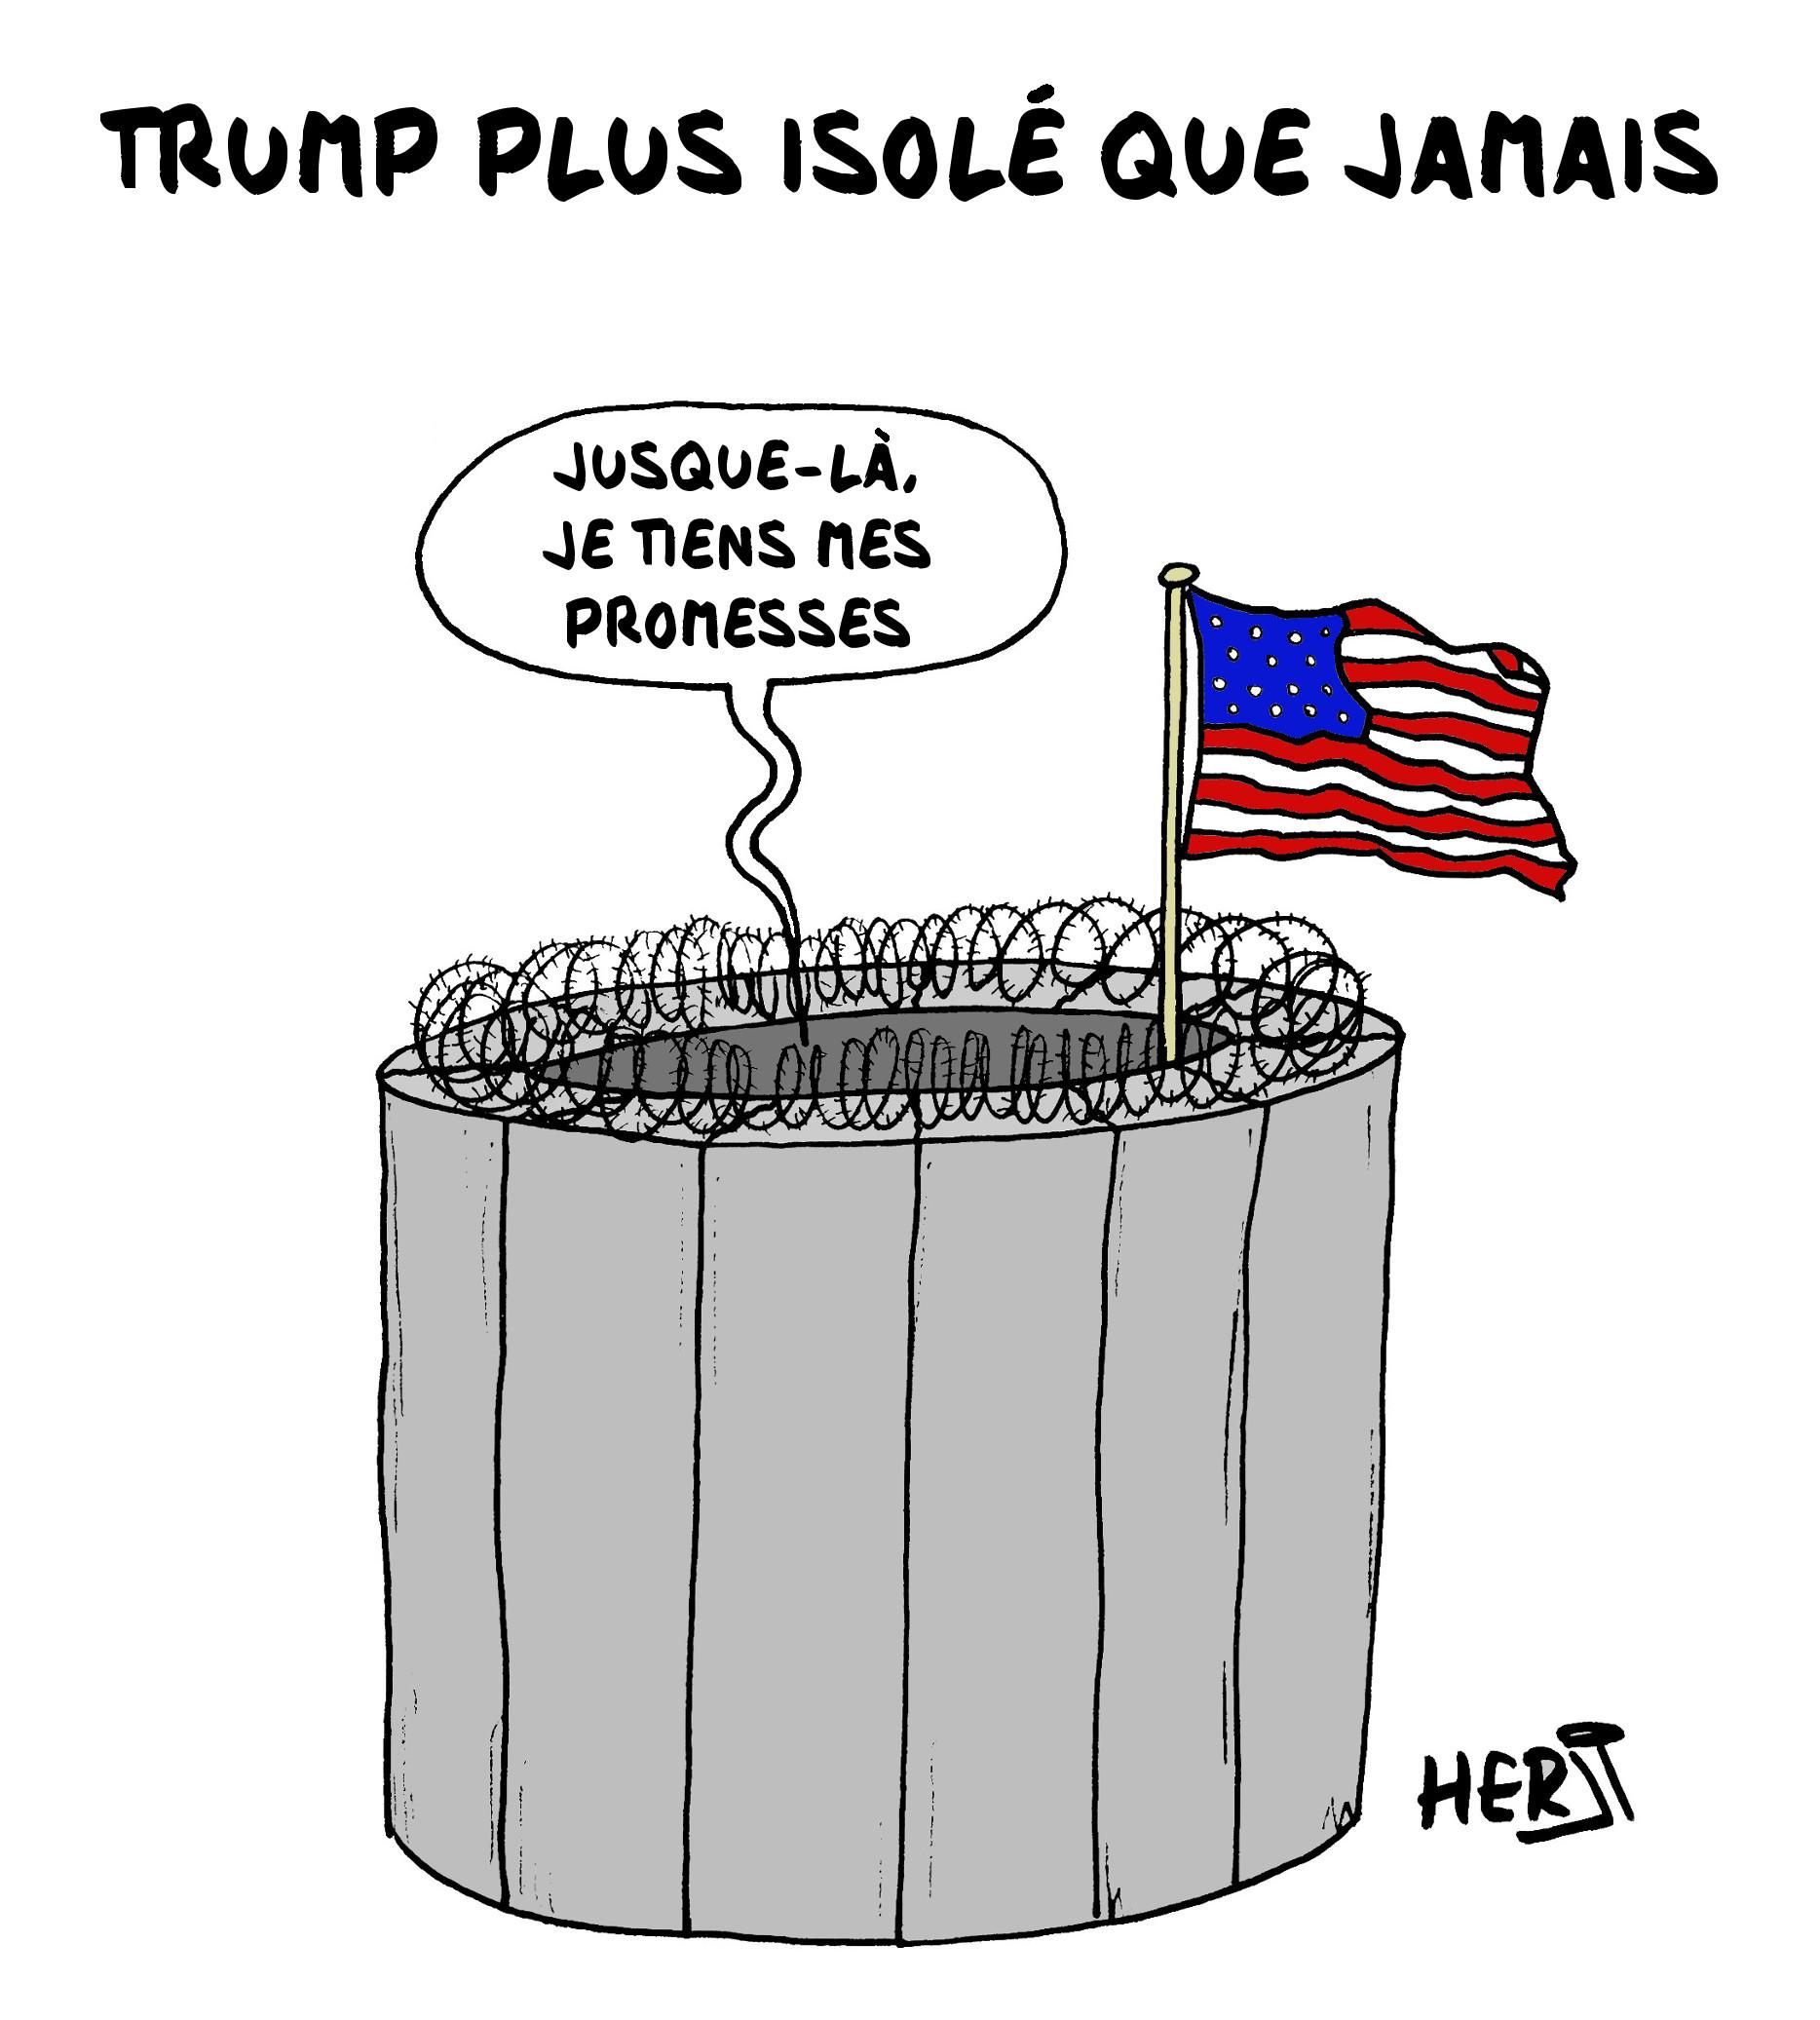 Trump plus isolé que jamais